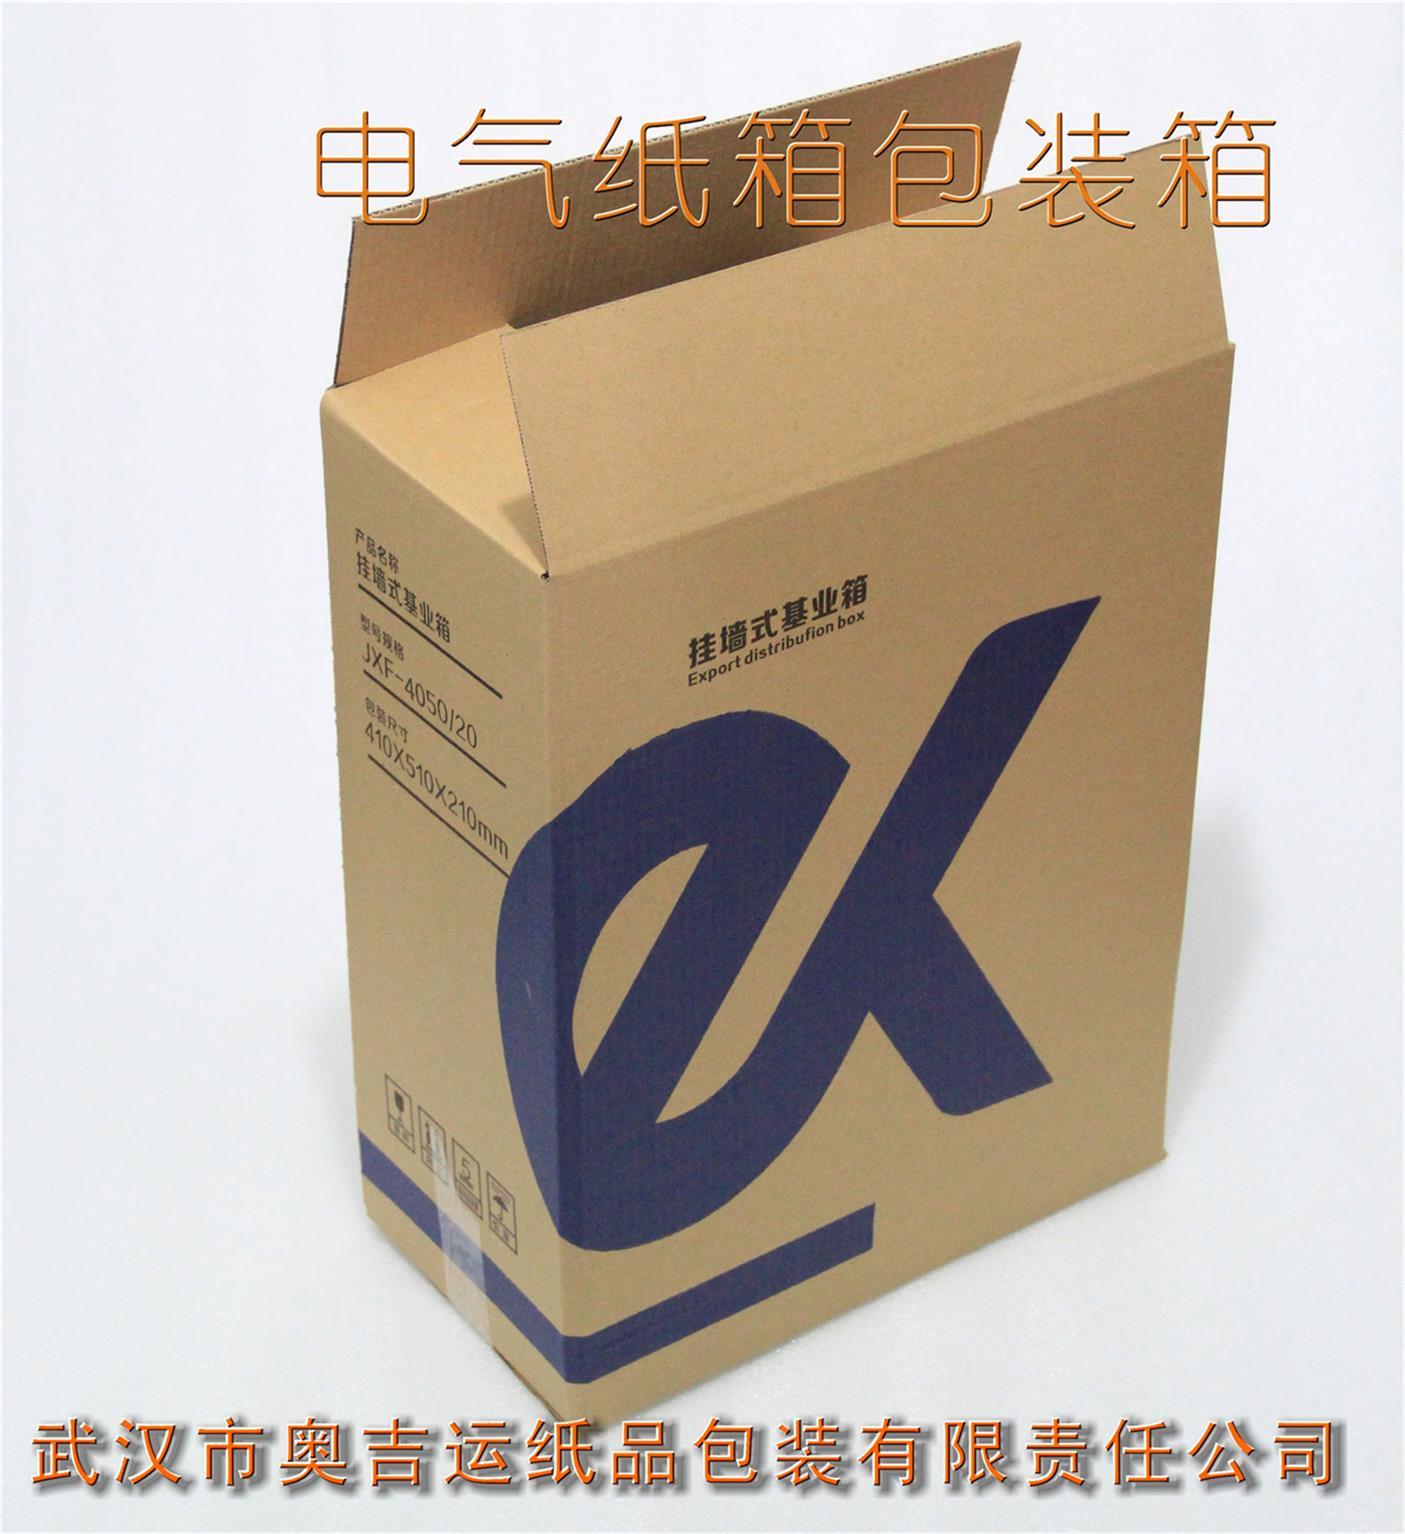 武漢物流紙盒加盟合作